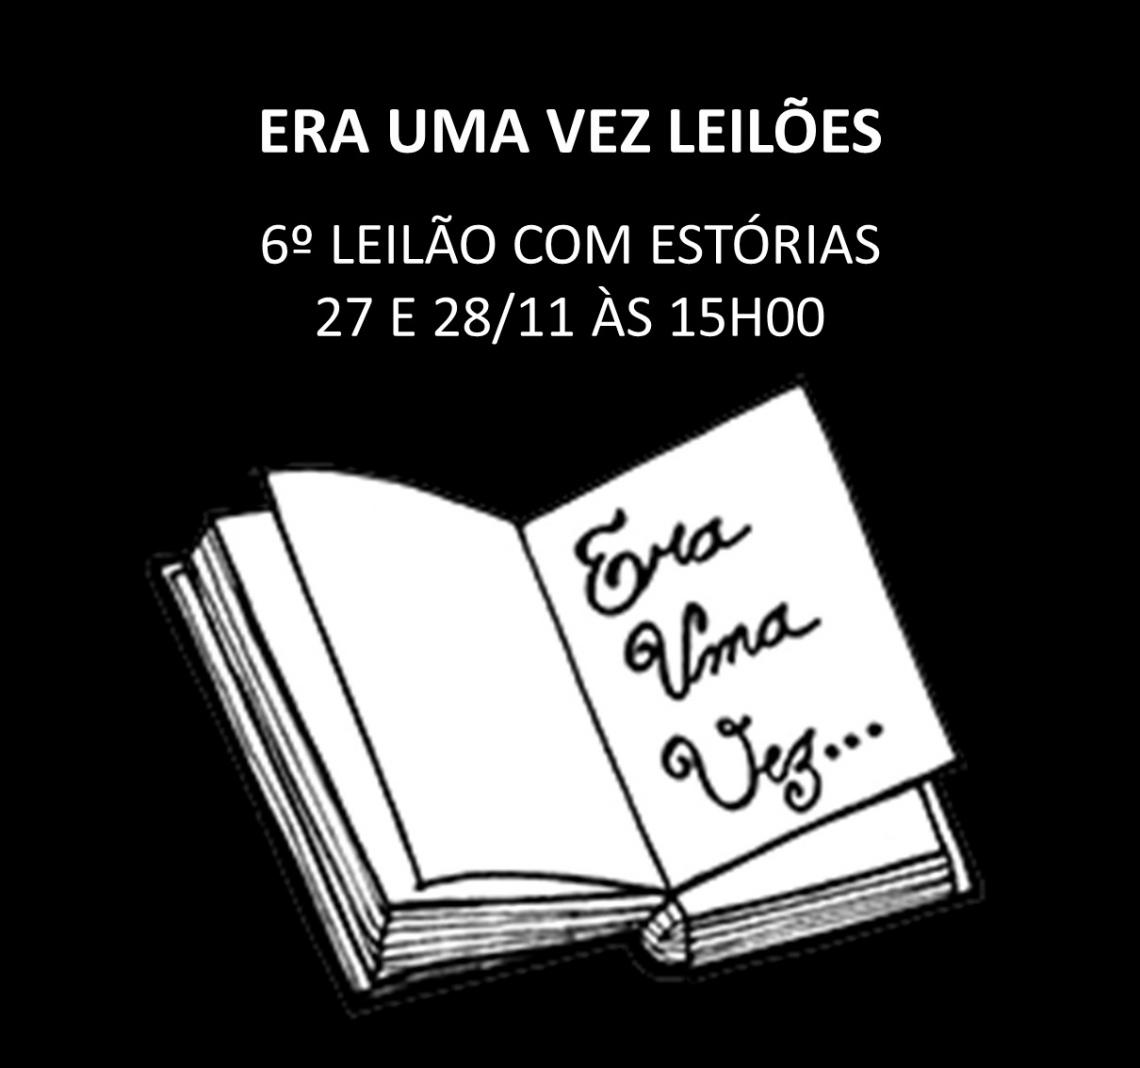 6º LEILÃO COM ESTÓRIAS - ARTE, COLECIONISMO, CURIOSIDADES COM OPORTUNIDADES - 27 e 28/11/2019 -  15h